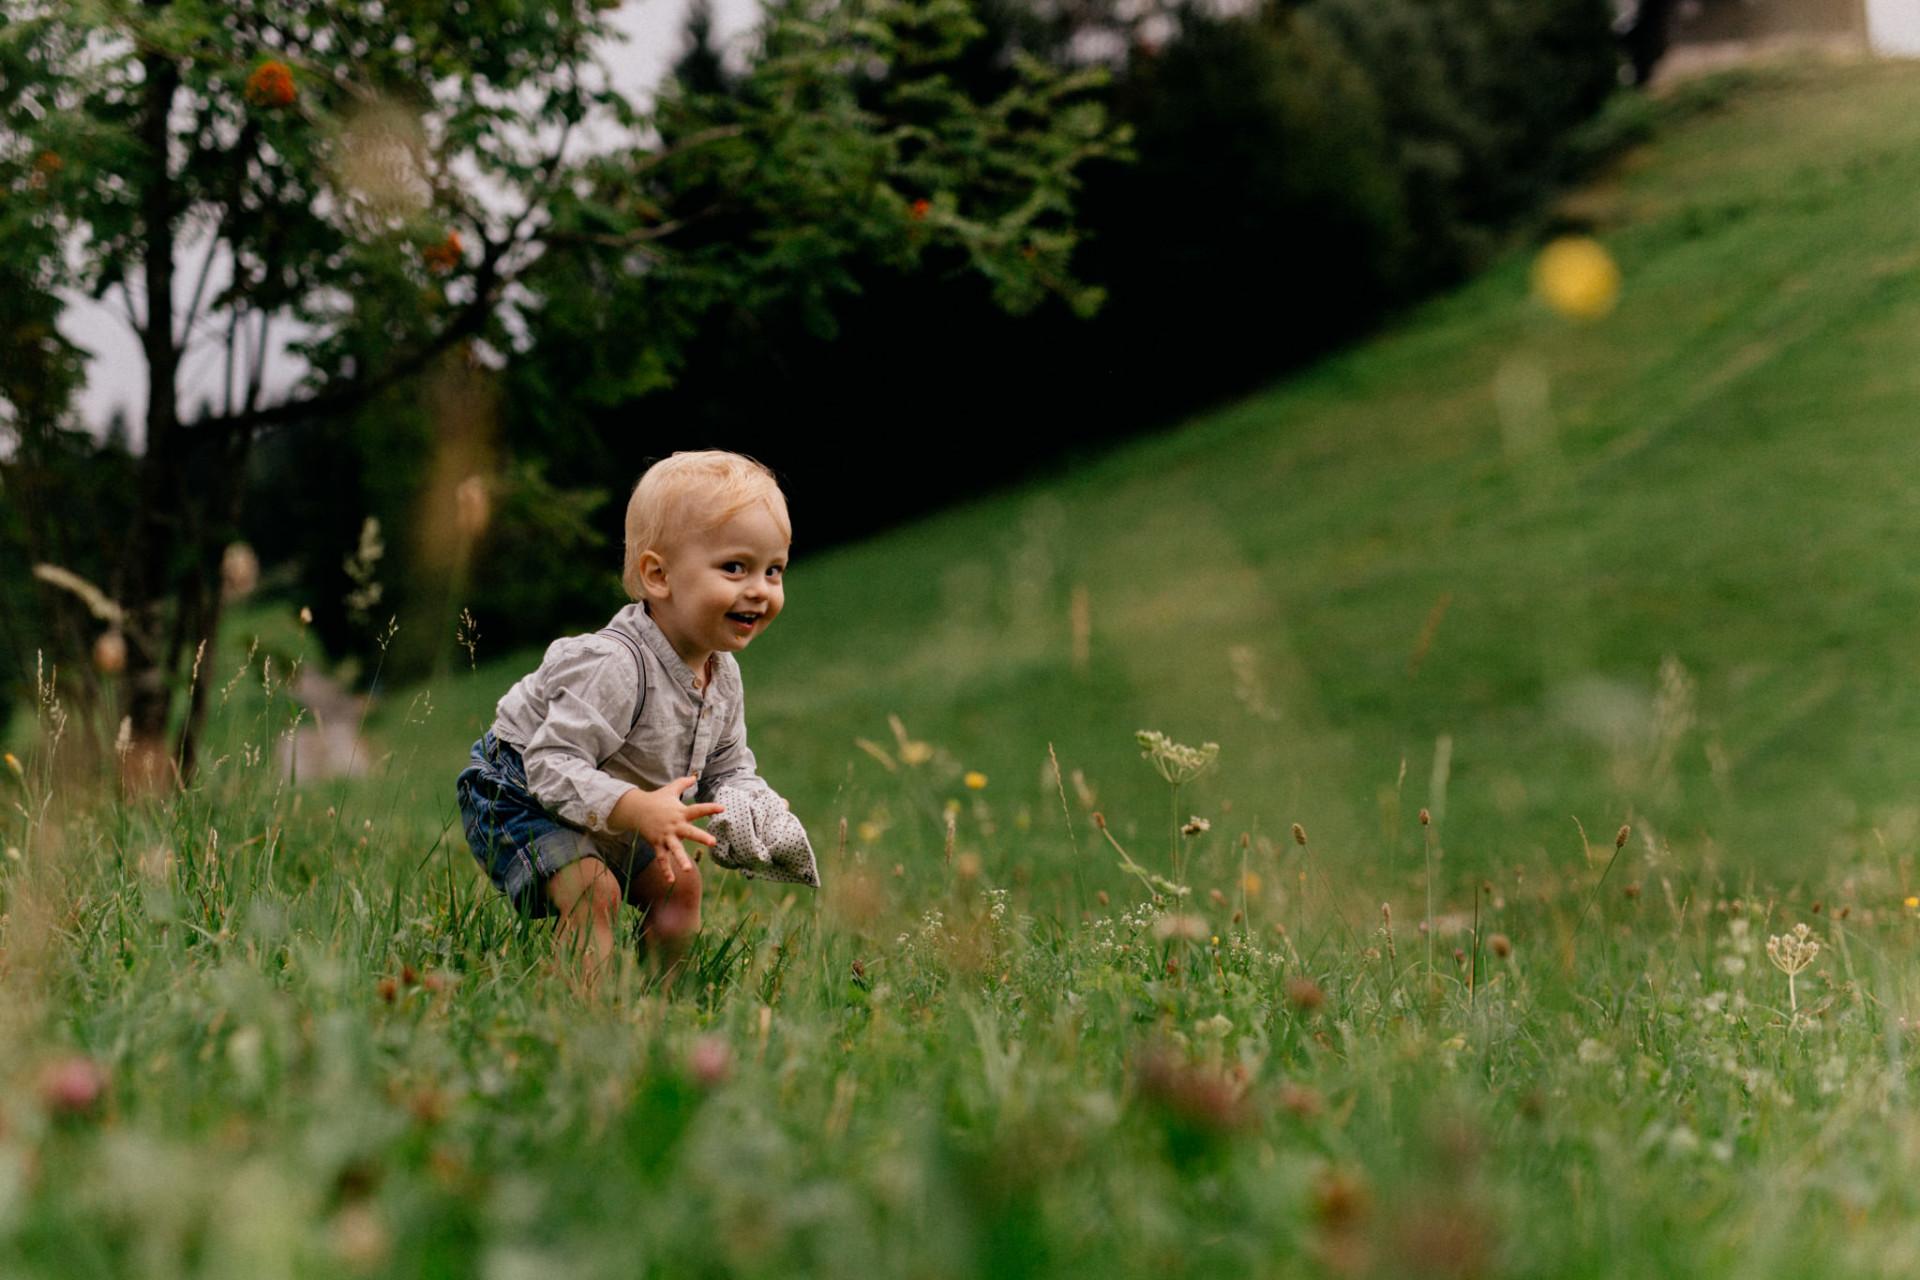 family photographer stuttgart-kindergarten kids-candid family portrait-family journal germany-austria photographer family